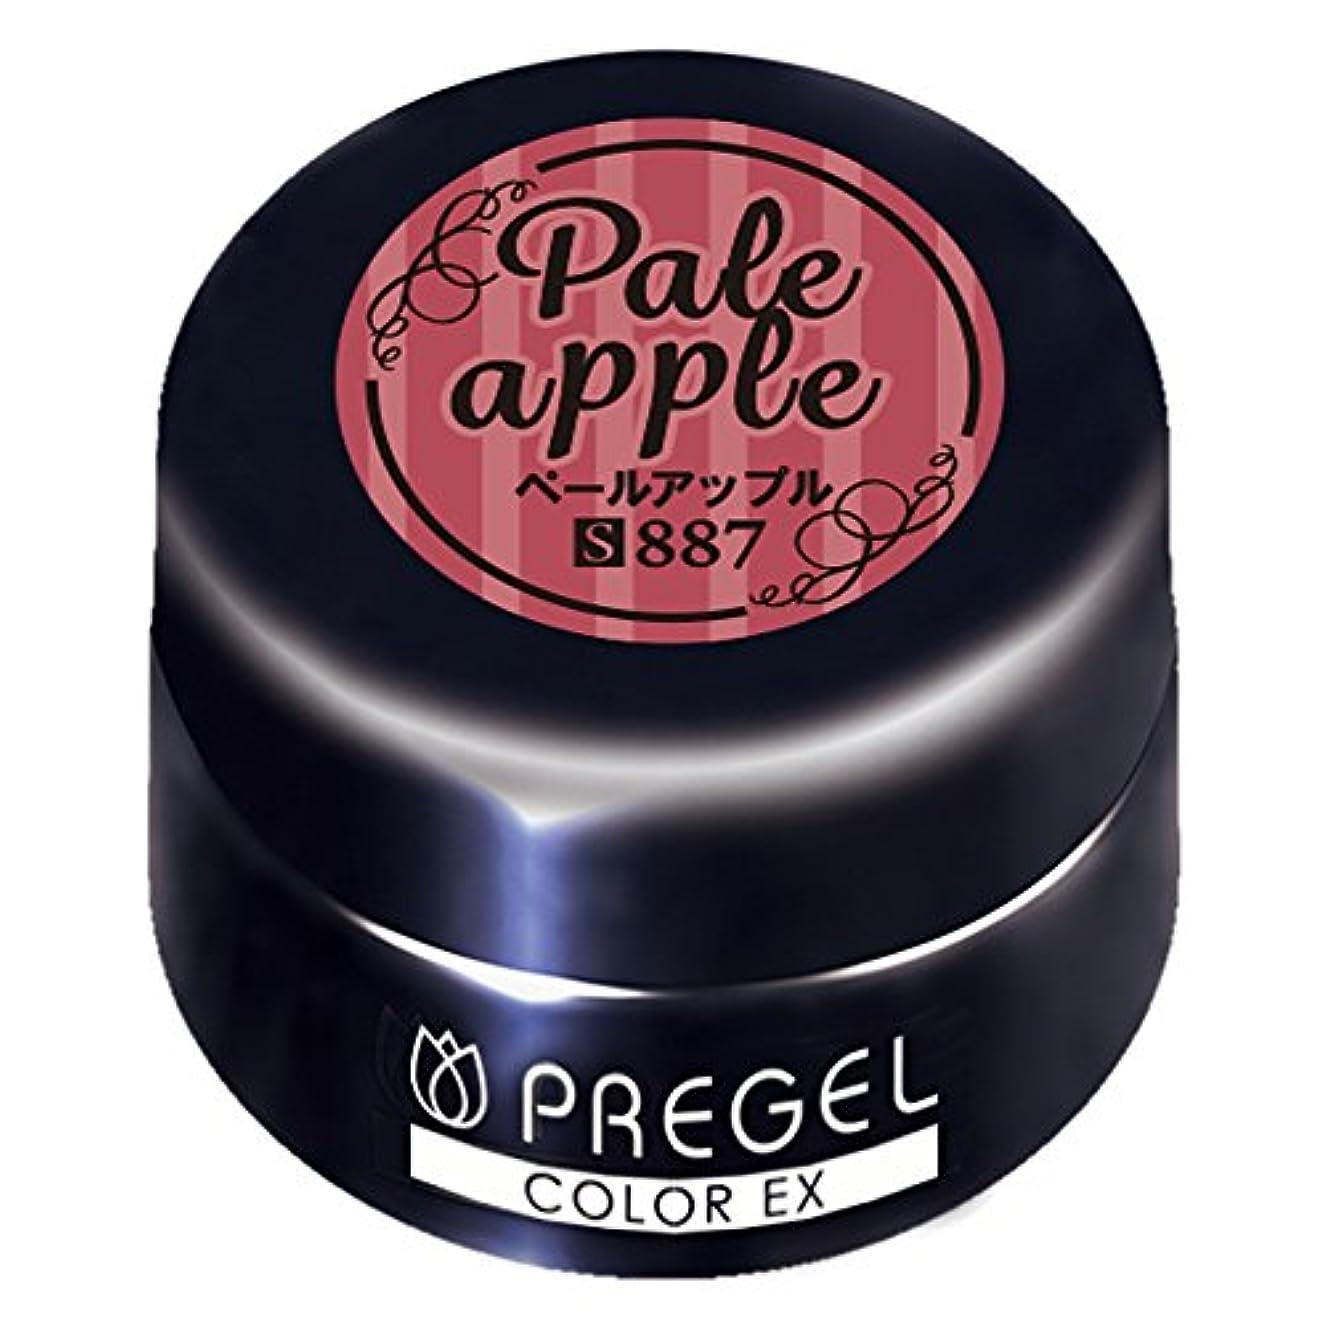 へこみ下品隠PRE GEL カラージェル カラーEX ペールアップル 3g PG-CE887 UV/LED対応タイオウ